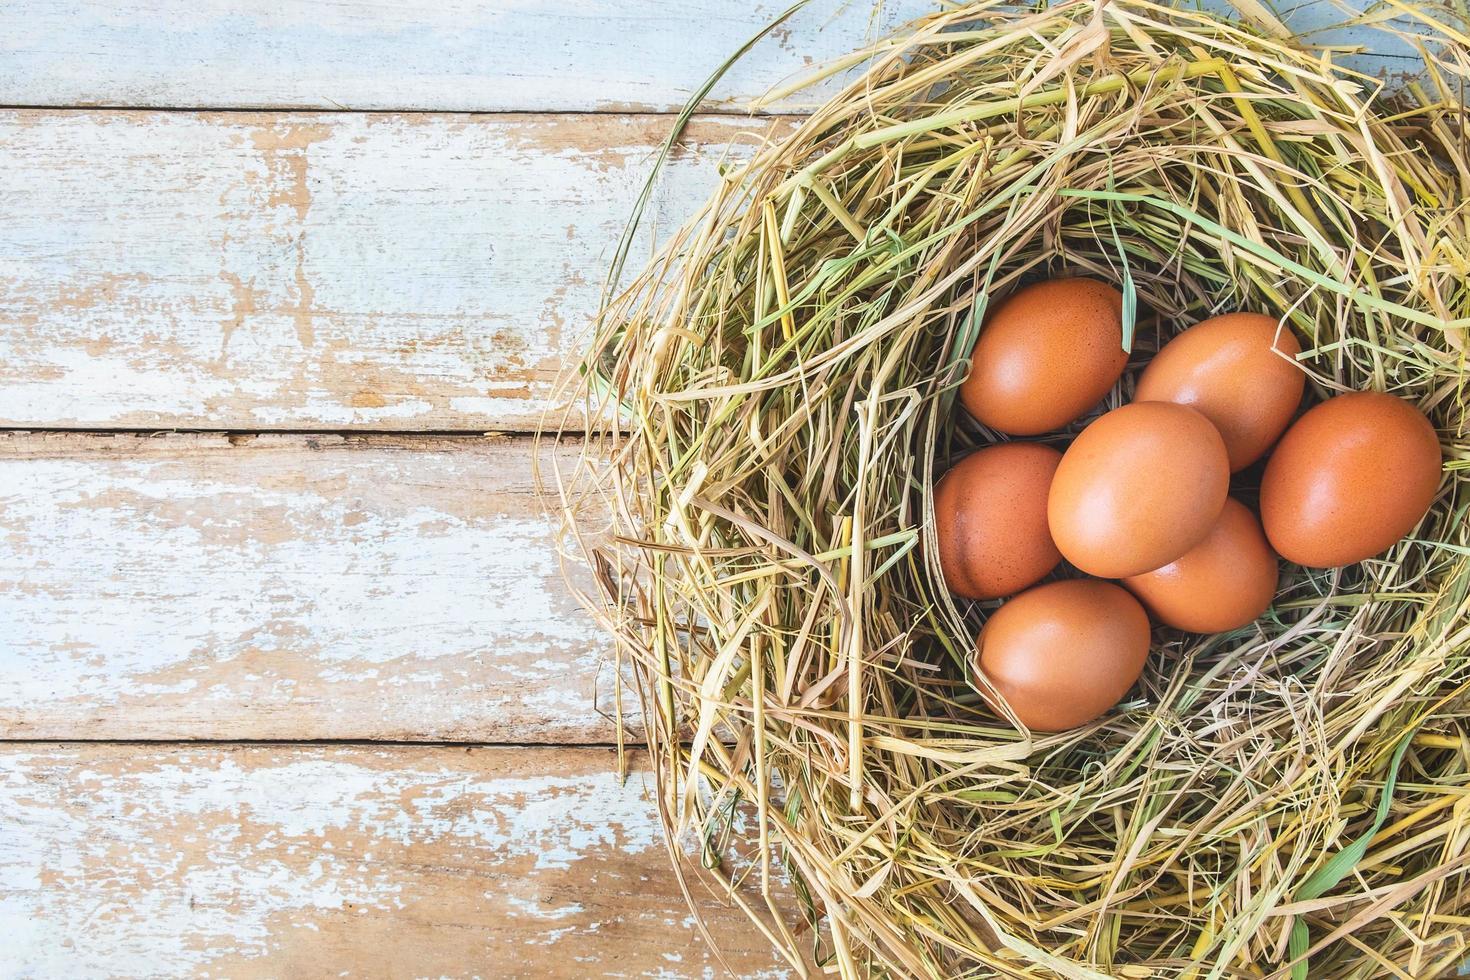 verse rauwe eieren van de boerderij foto